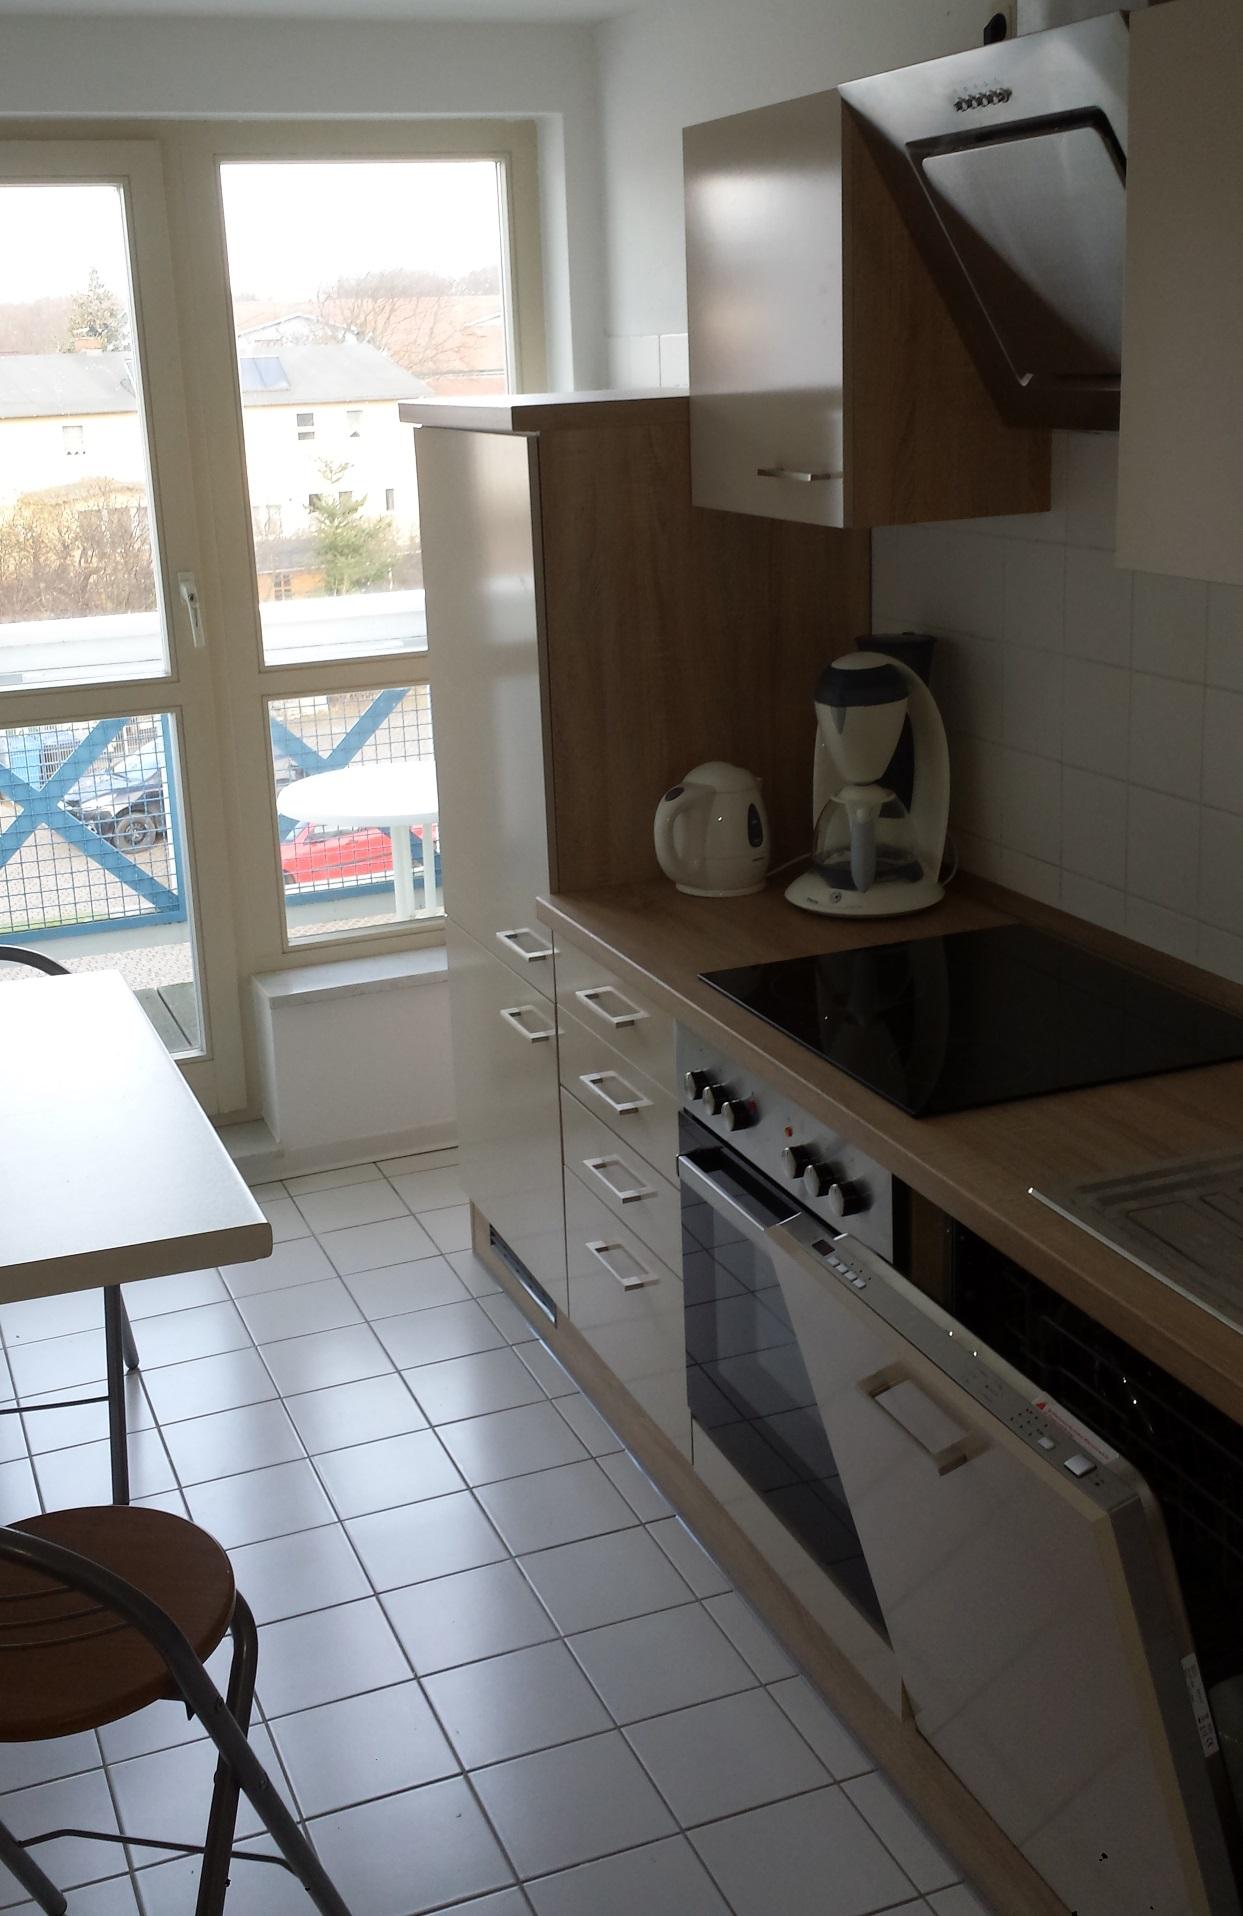 Die Küche ist komplett eingerichtet - auch Geschirr ist vorhanden.